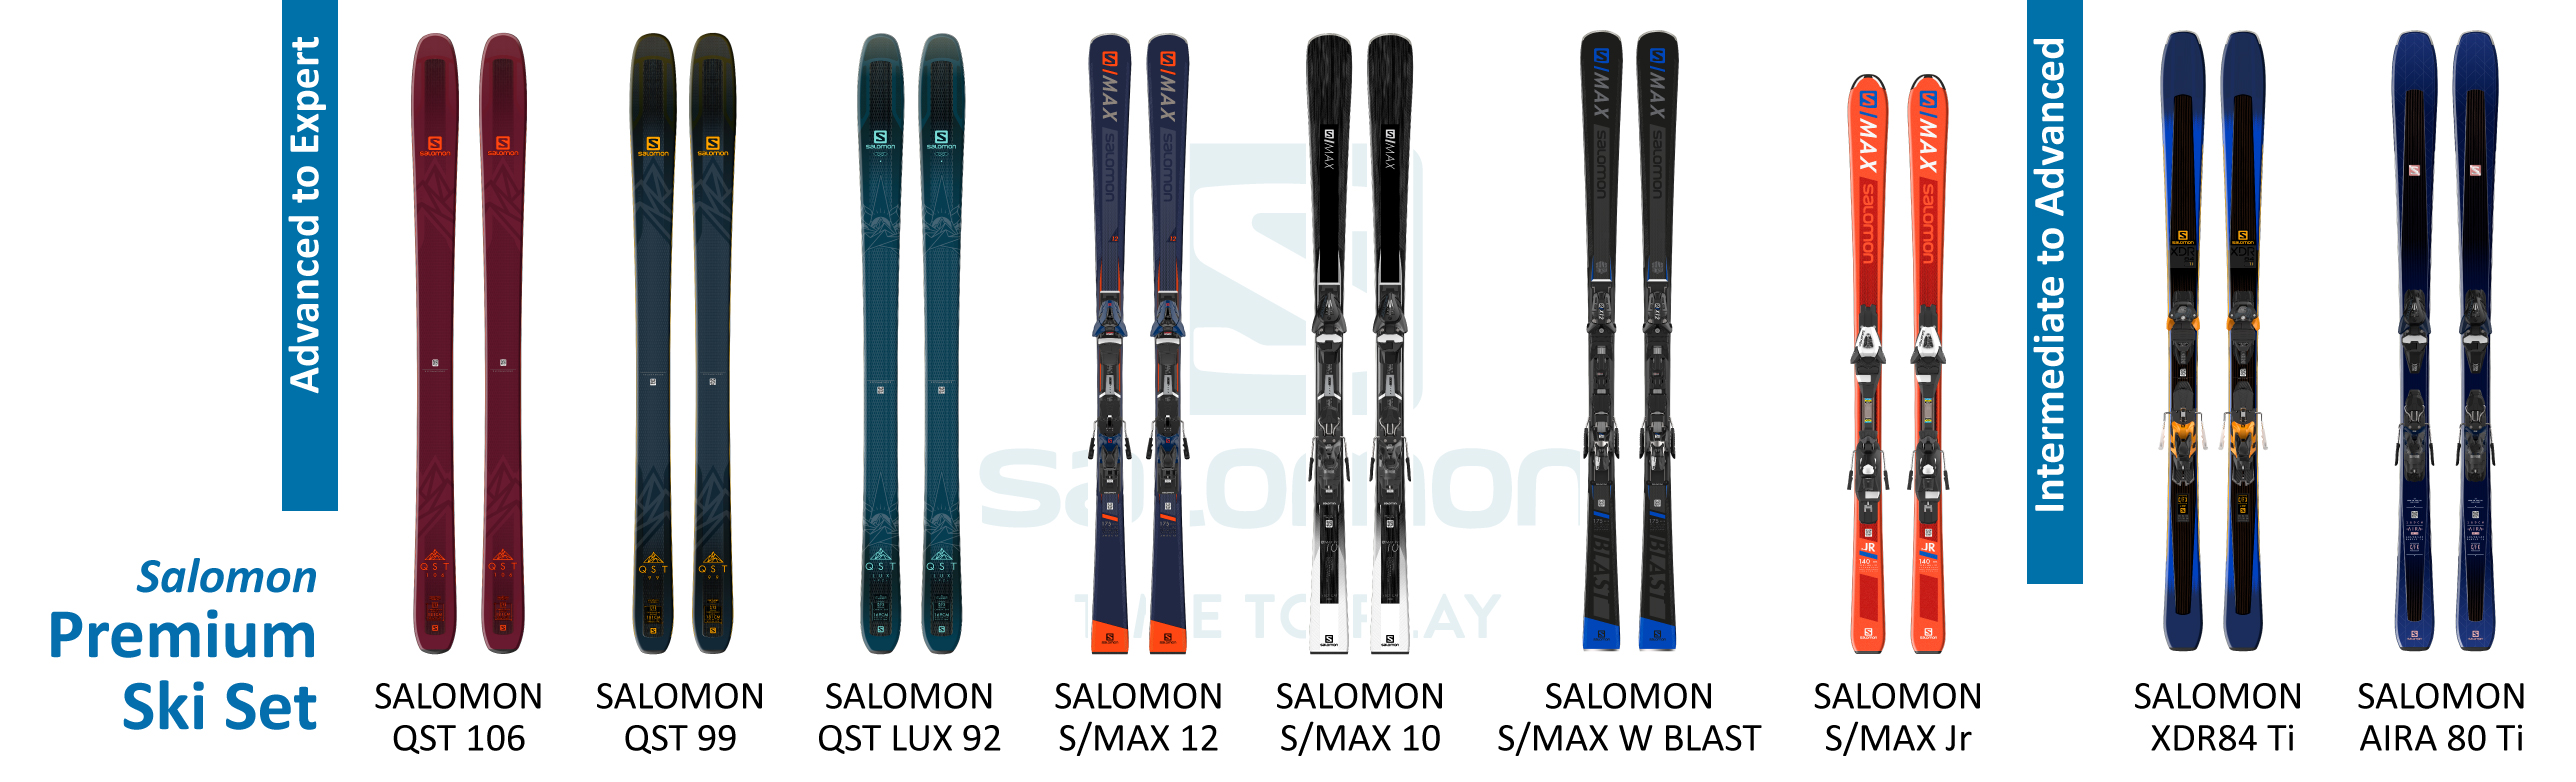 Premium Ski Set